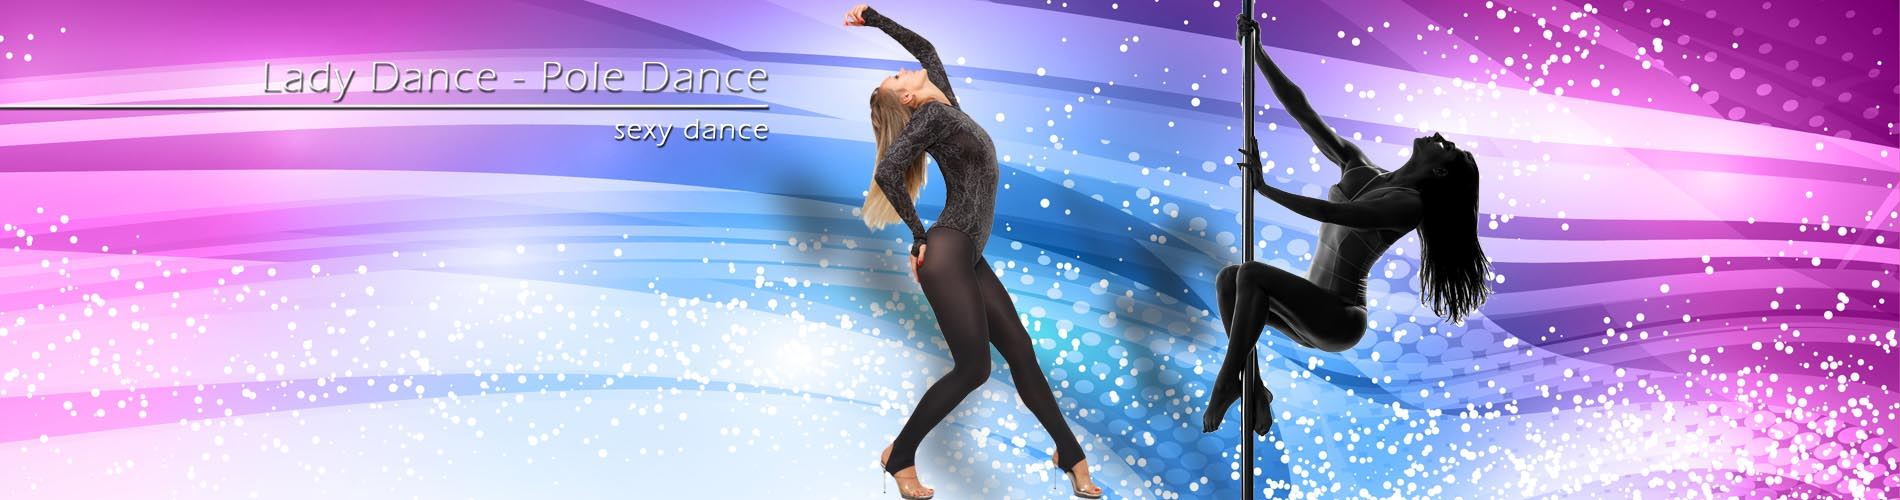 POLE DANCE dla początkujących - poziom podstawowy i zaawansowany